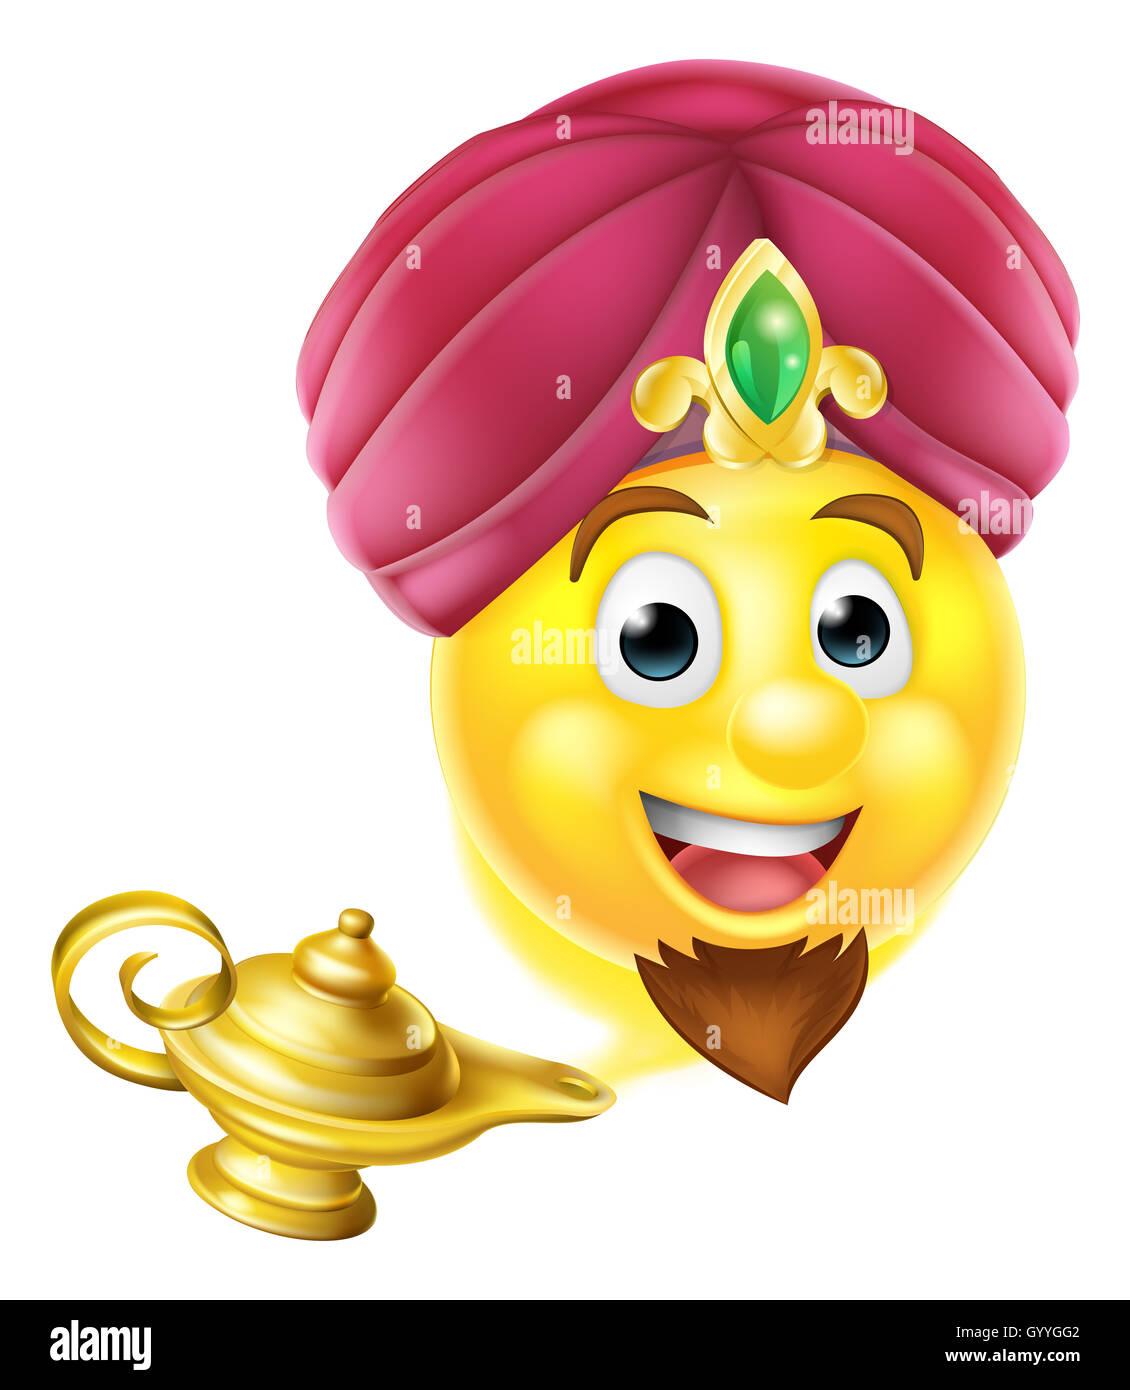 Cartoon Emoticone Genie Emoji Comme Dans L Histoire D Aladin Qui Sort D Une Lampe Magique Photo Stock Alamy